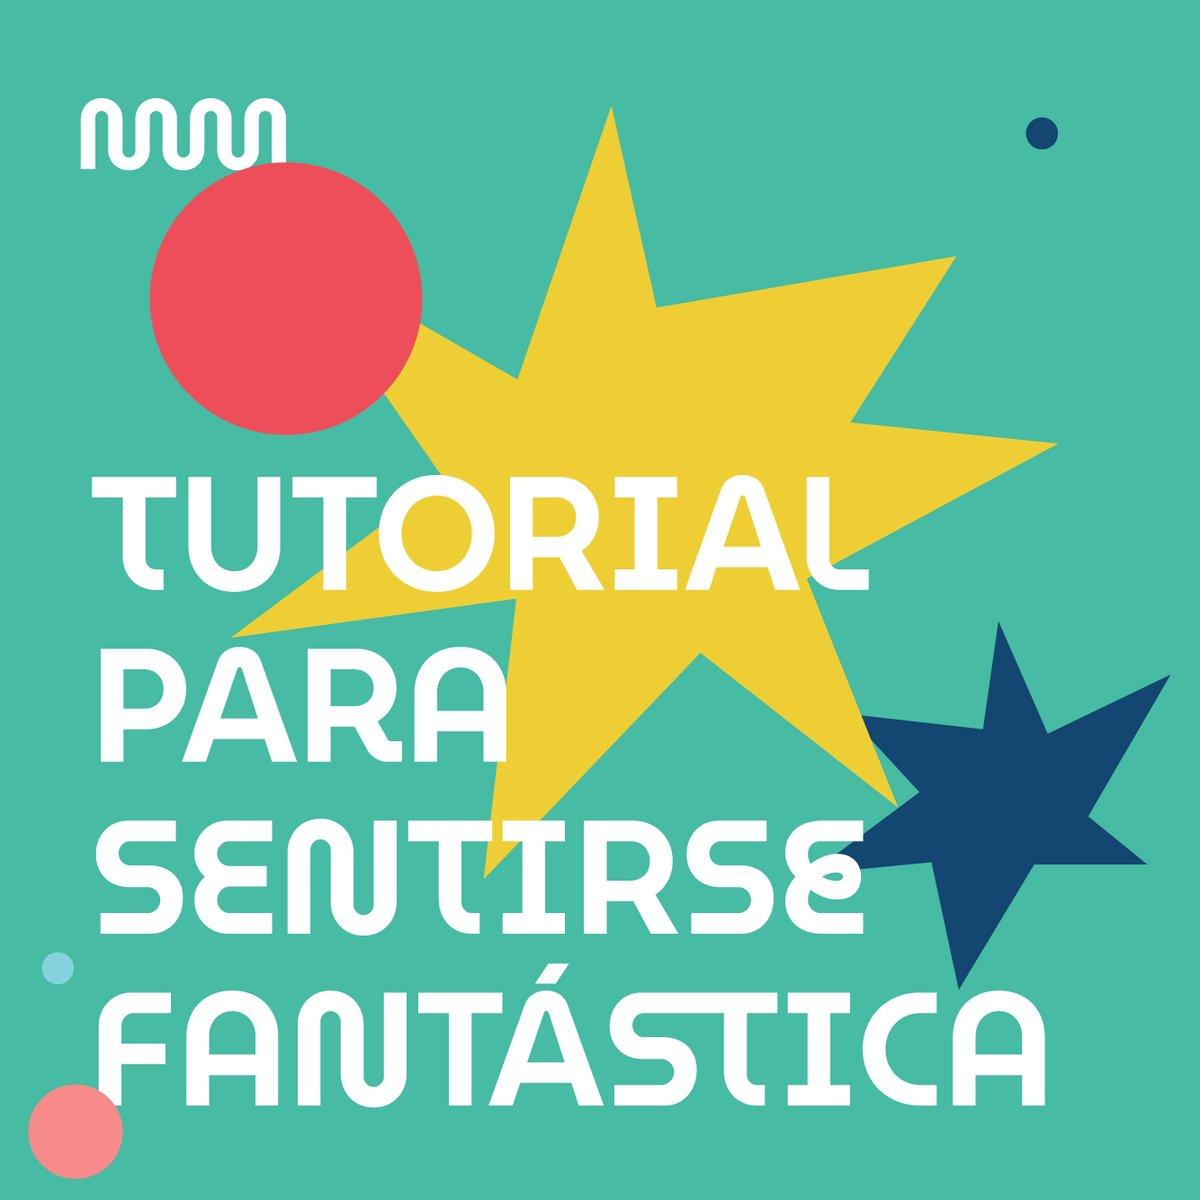 🎉MuseoModerno in use: 😍Museo de Arte Moderno de Buenos Aires. 🌈Graphic Design: Maylén Leita 🇦🇷 #TypefaceDesign #Custom #ModernArt #Illustration #VisualDesign #CorporateDesign